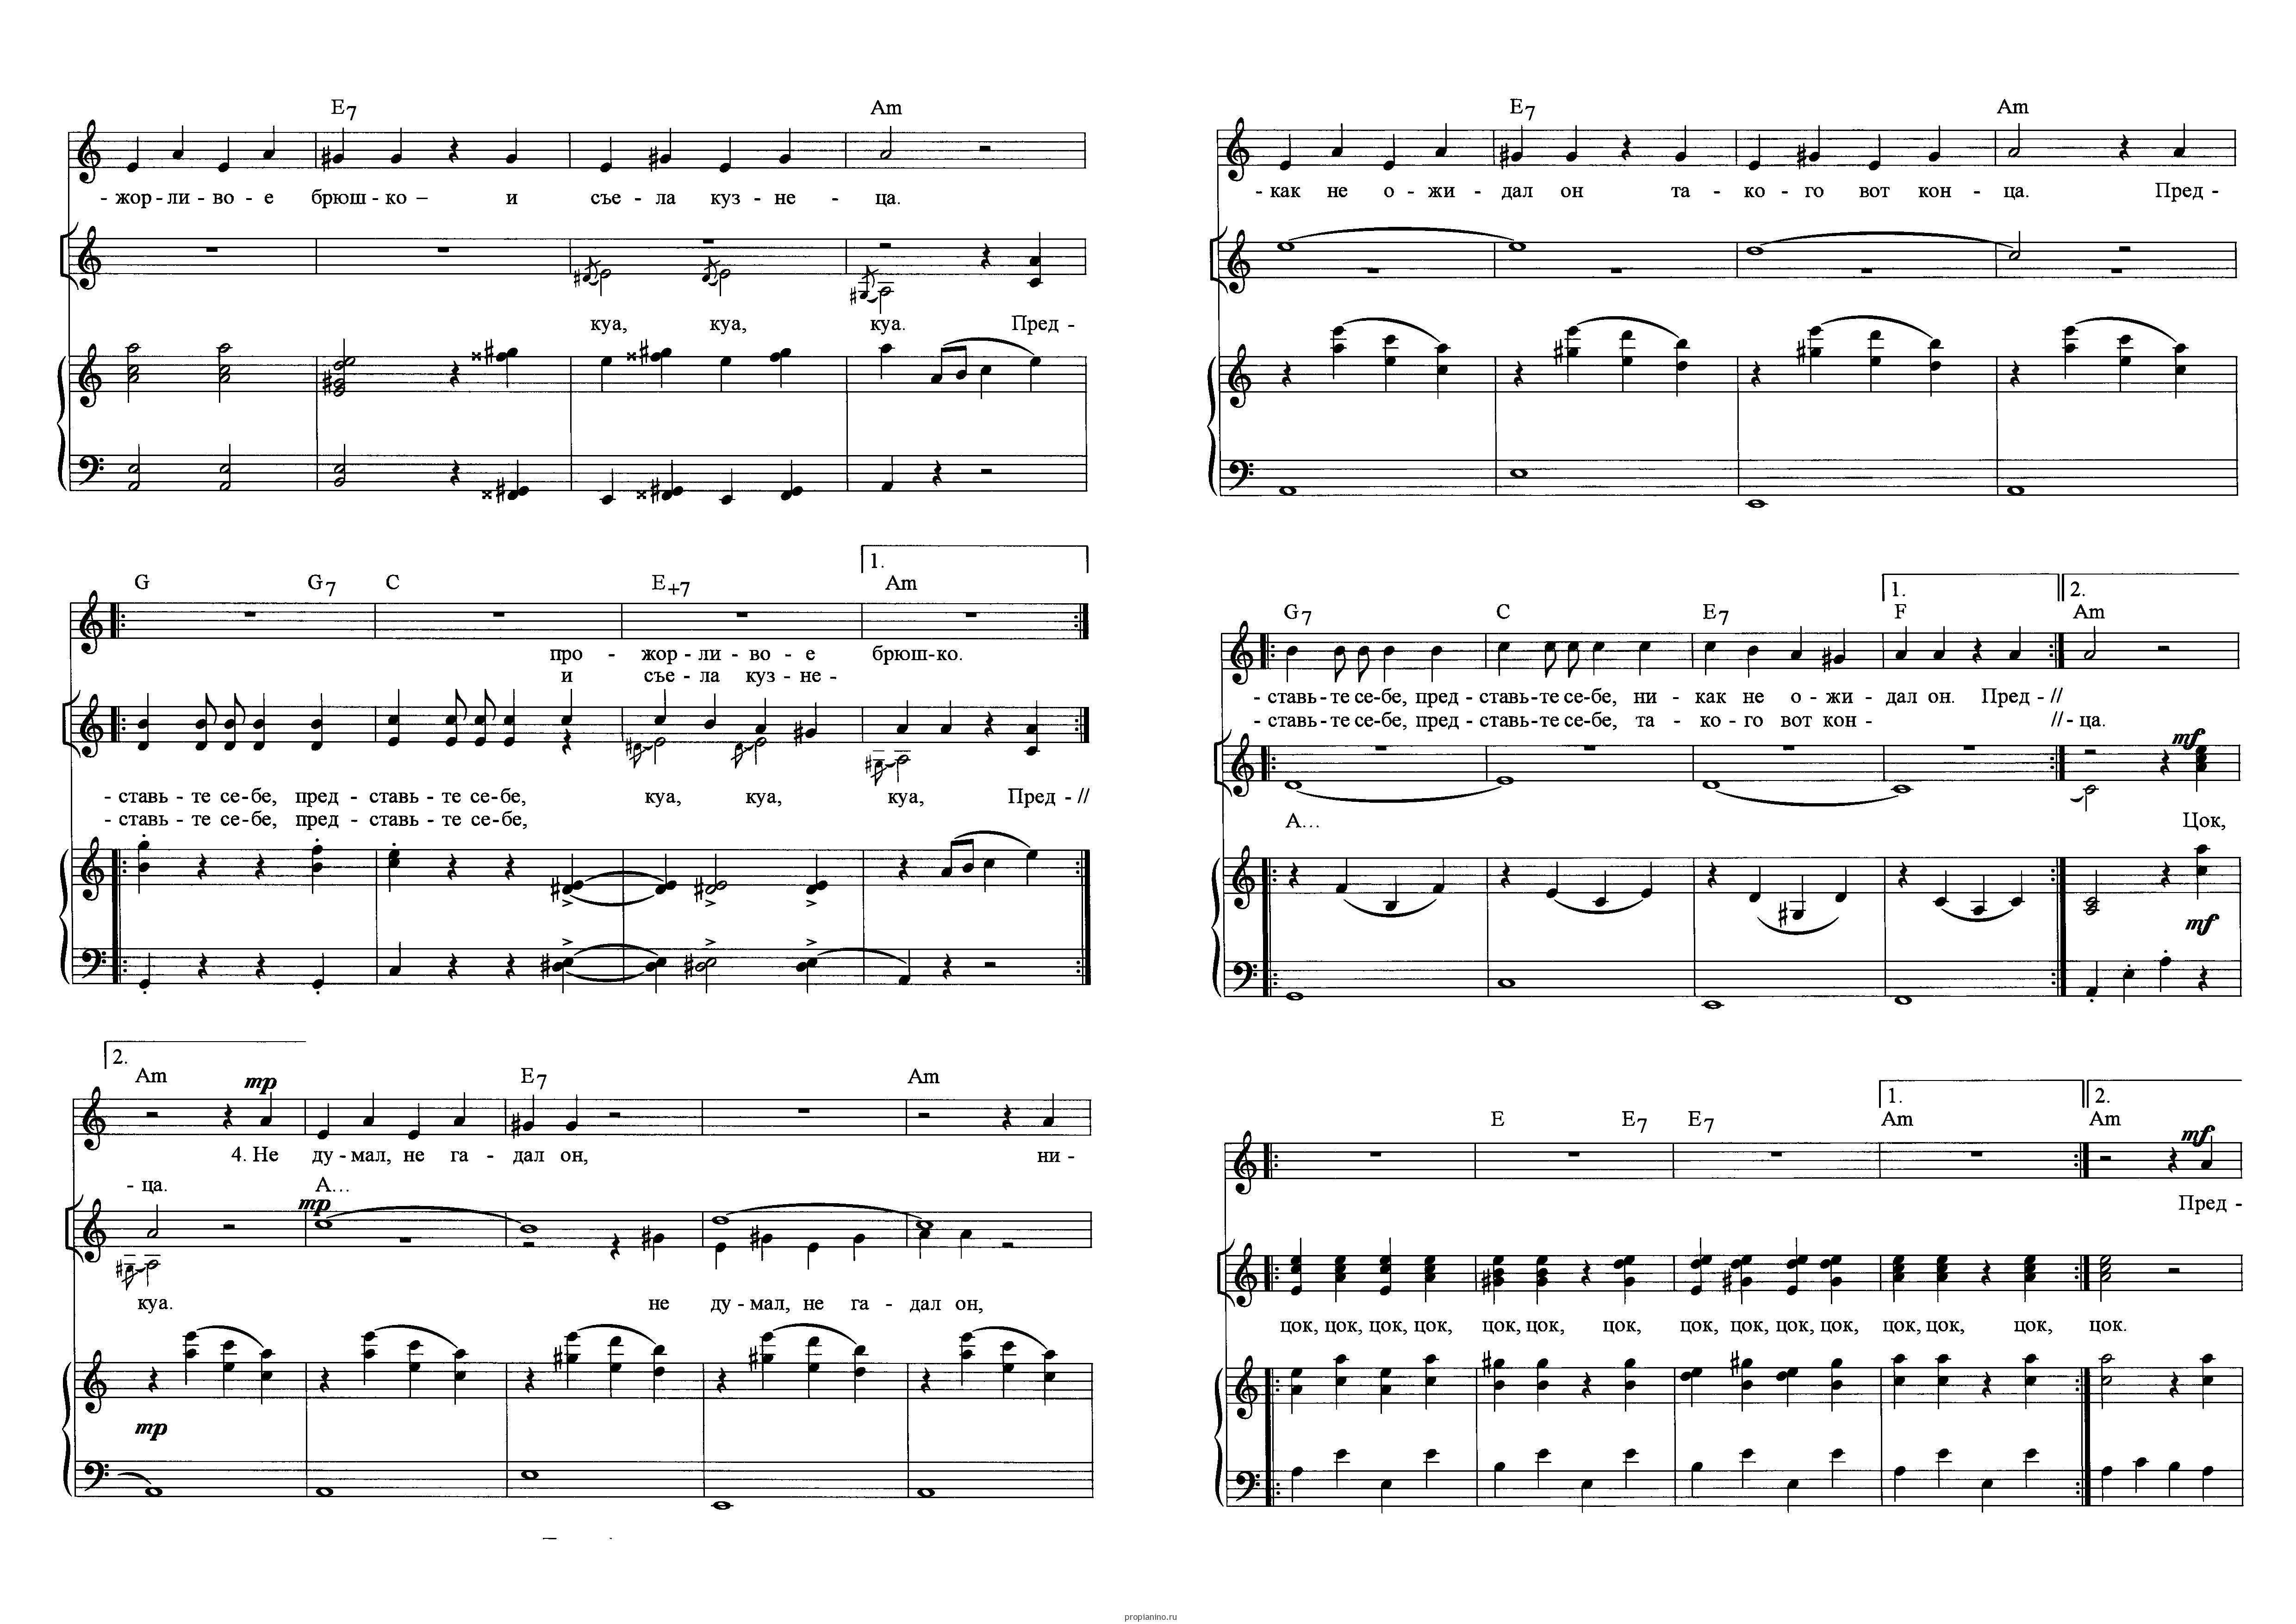 Песенка в траве сидел кузнечик аккорды - 496